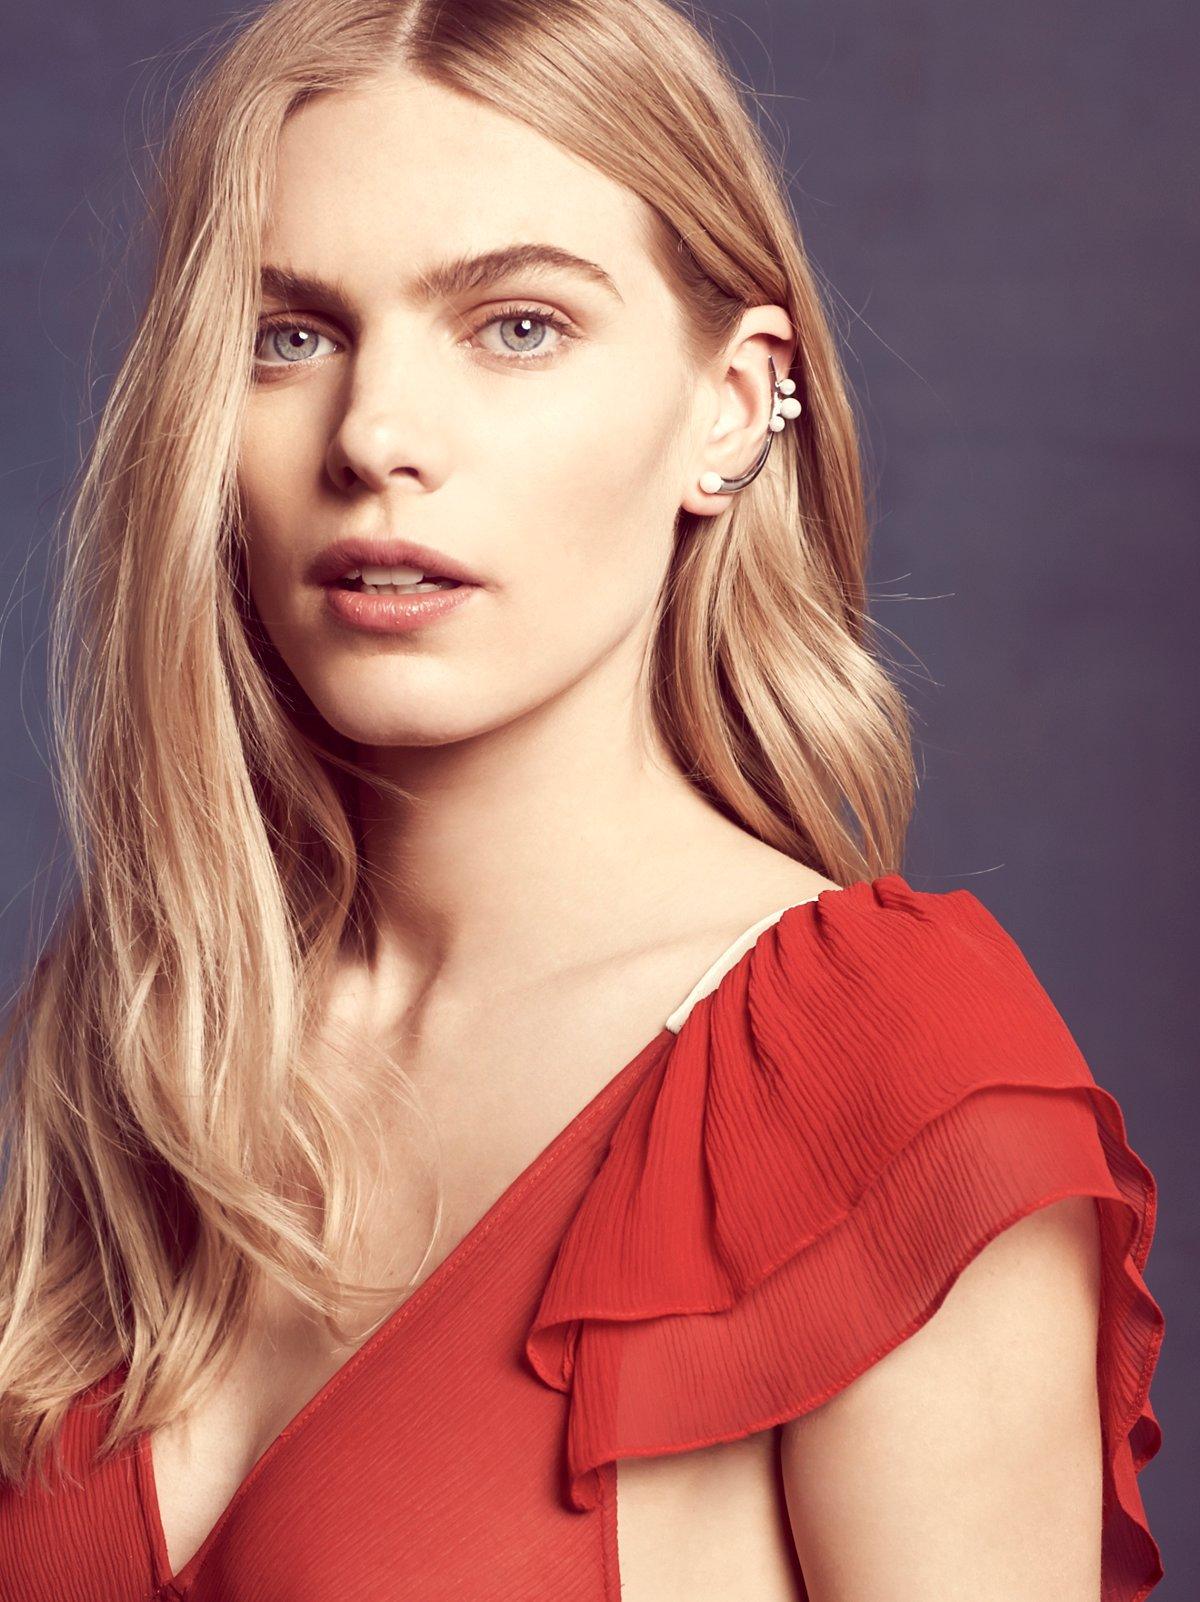 弧形珍珠耳环